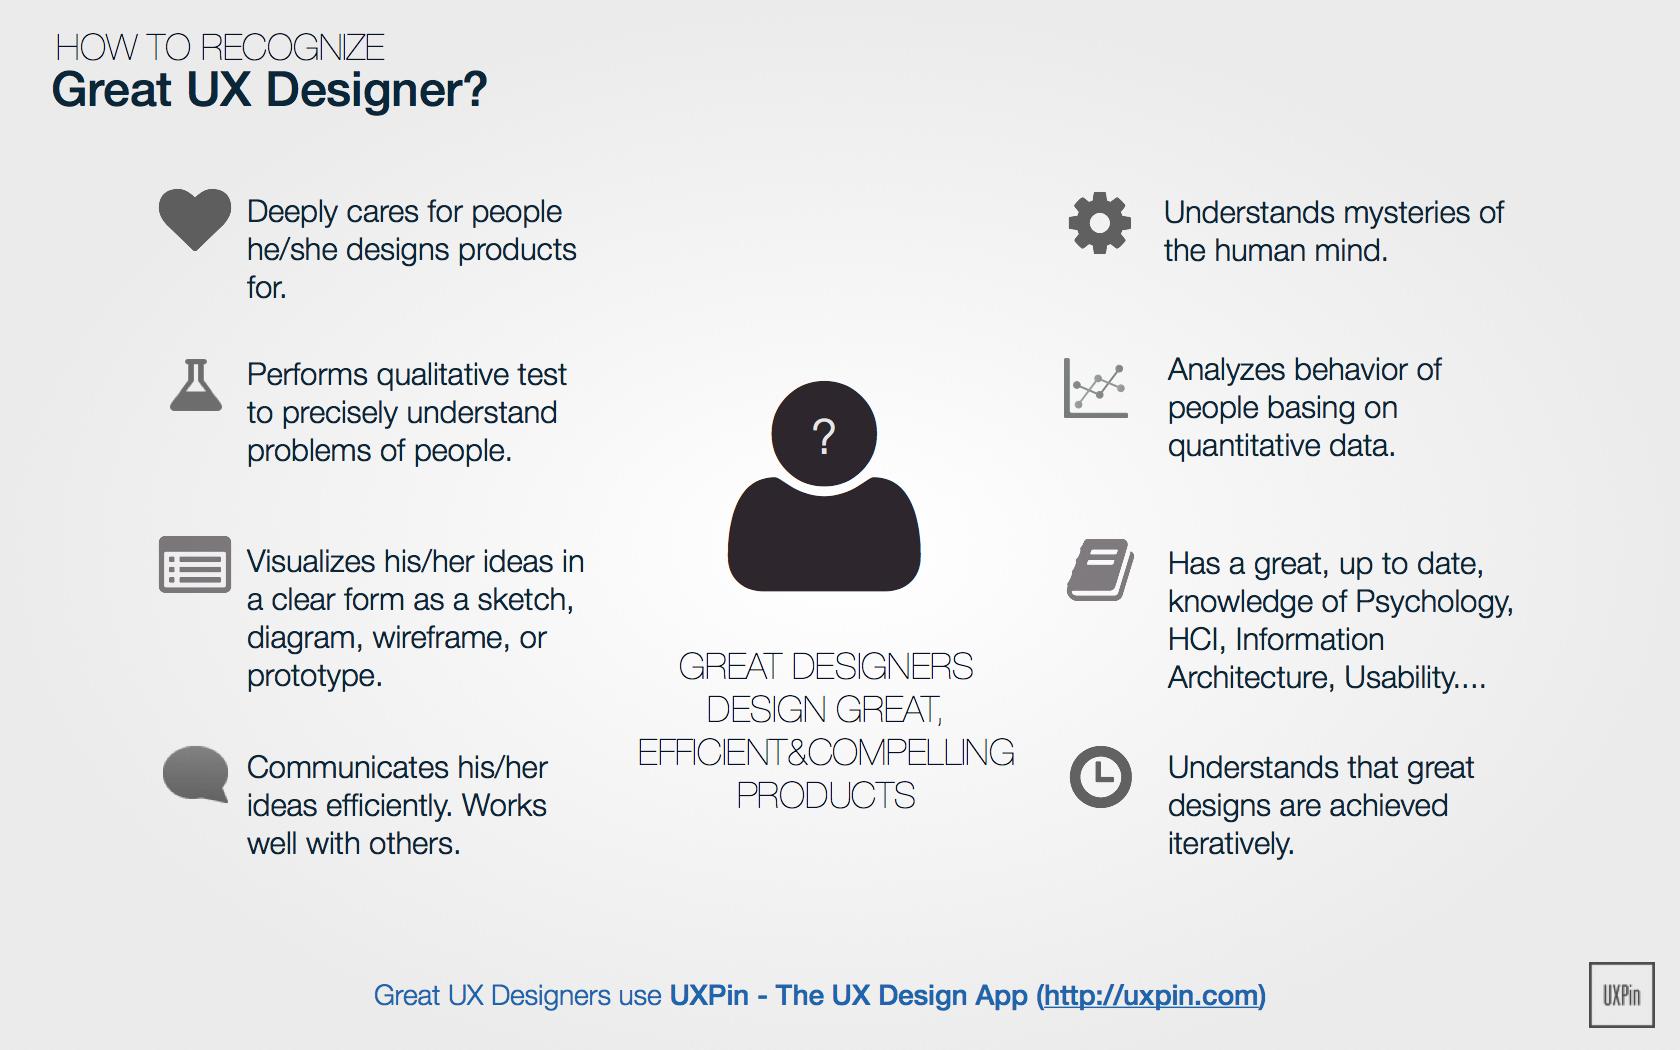 훌륭한 UX 디자이너란?